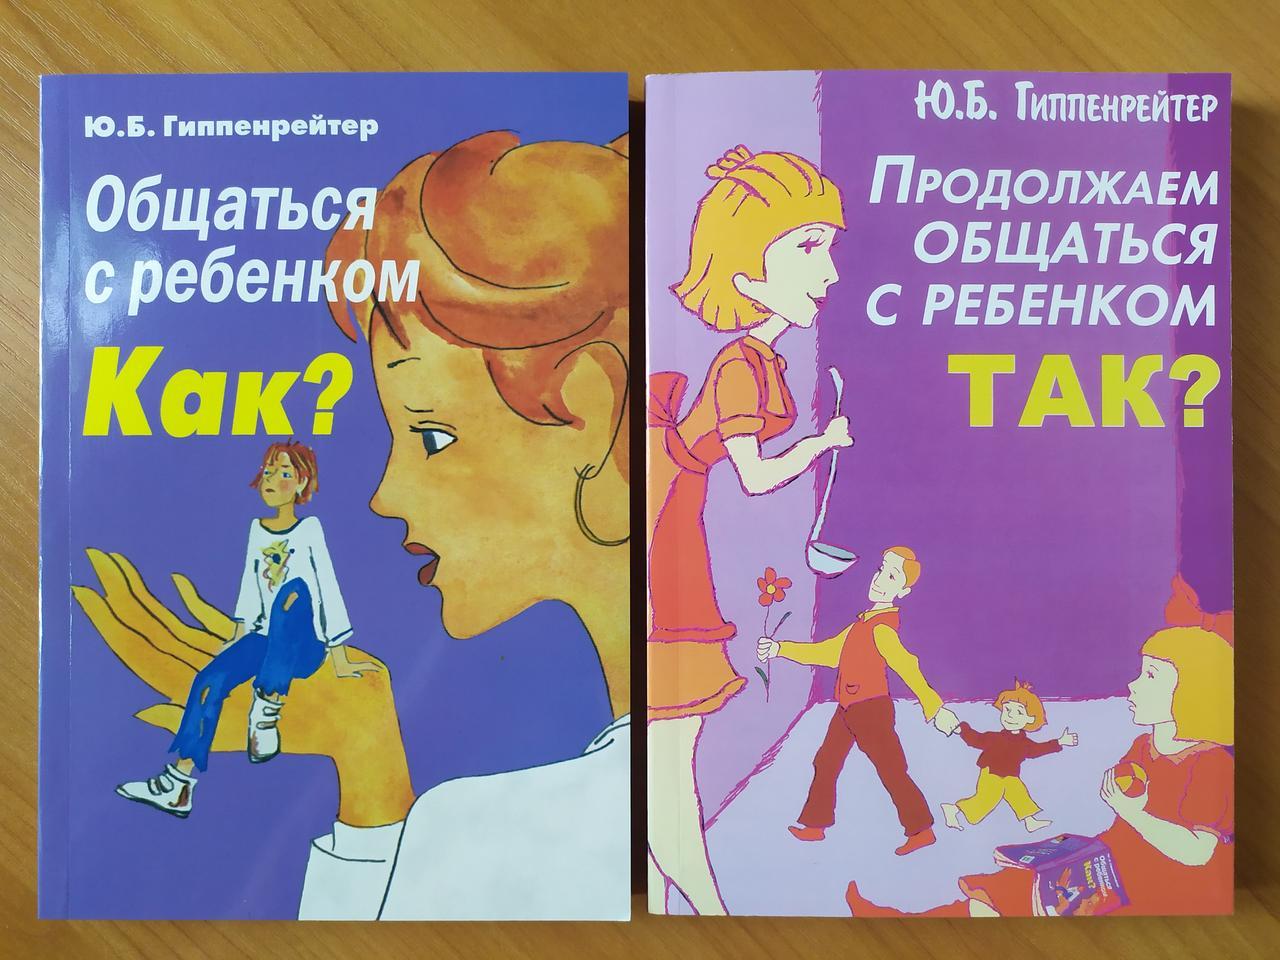 Юлия Гиппенрейтер. Общаться с ребенком. Как? и Так? Комплект книг